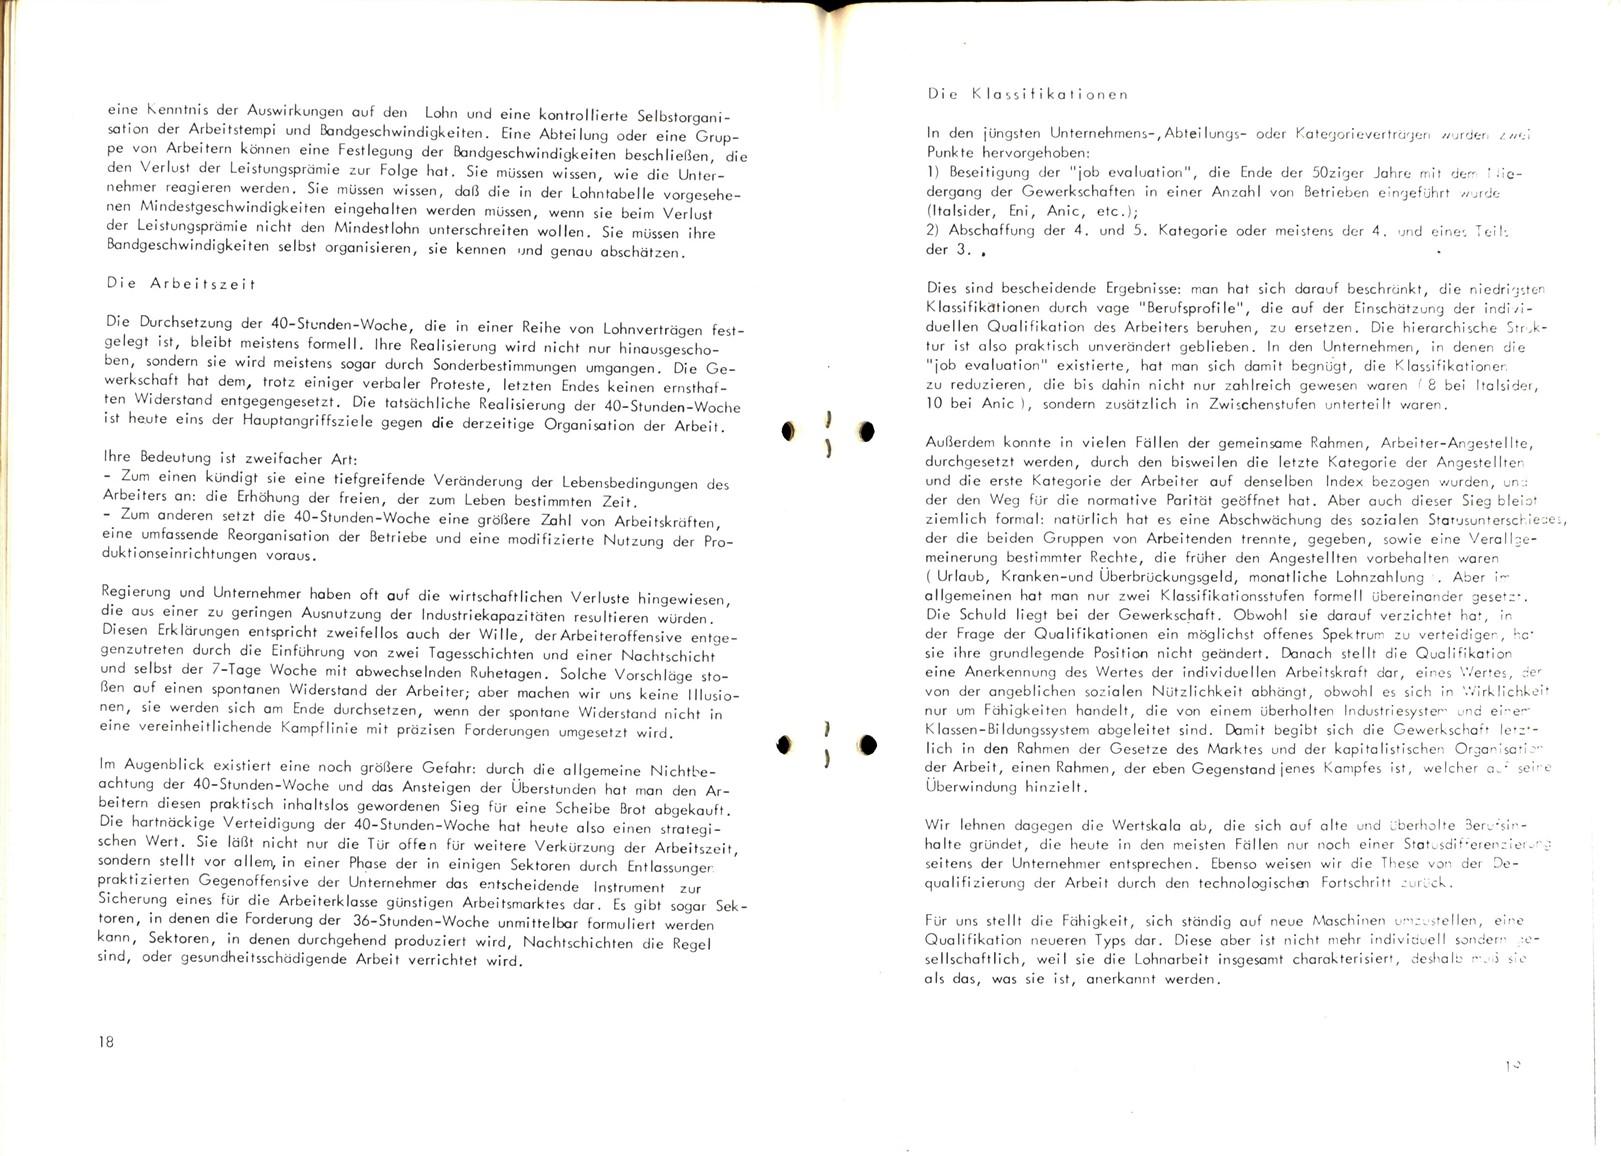 Manifesto_1971_Einheit_der_Klassenlinken_10